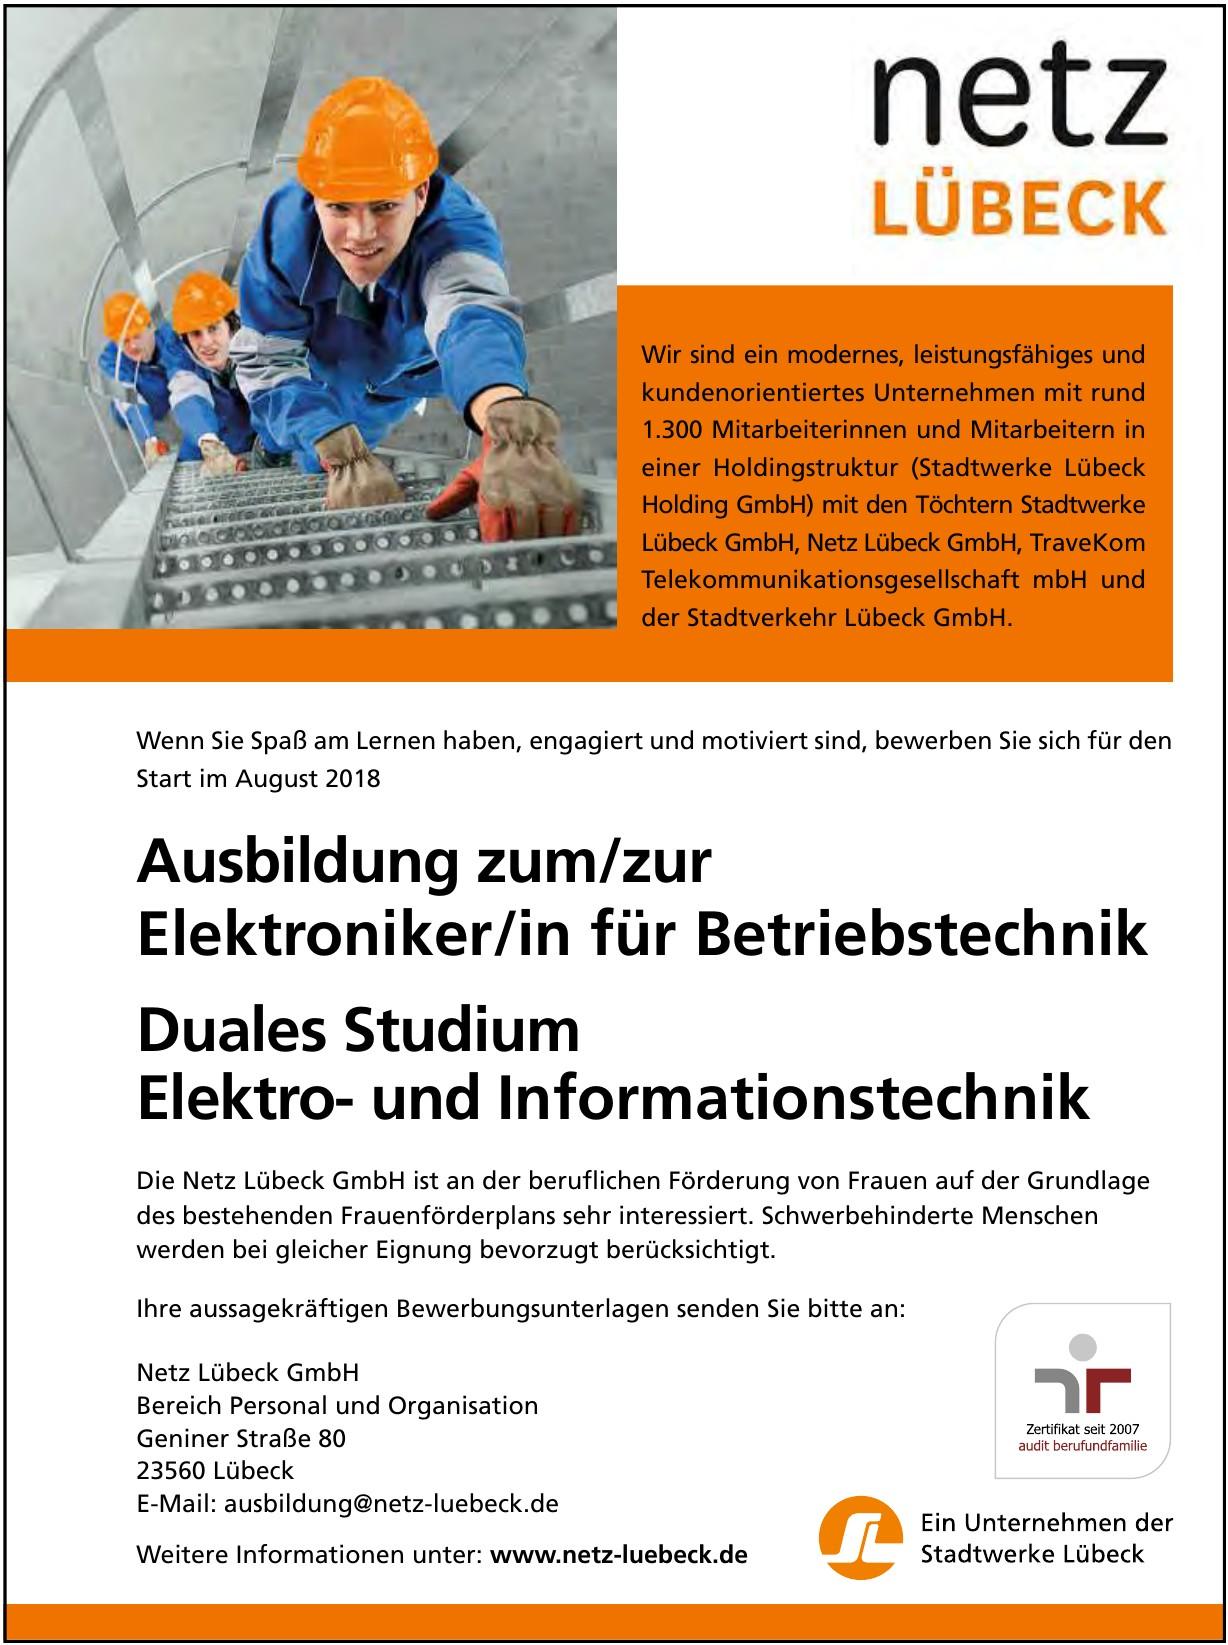 Netz Lübeck GmbH